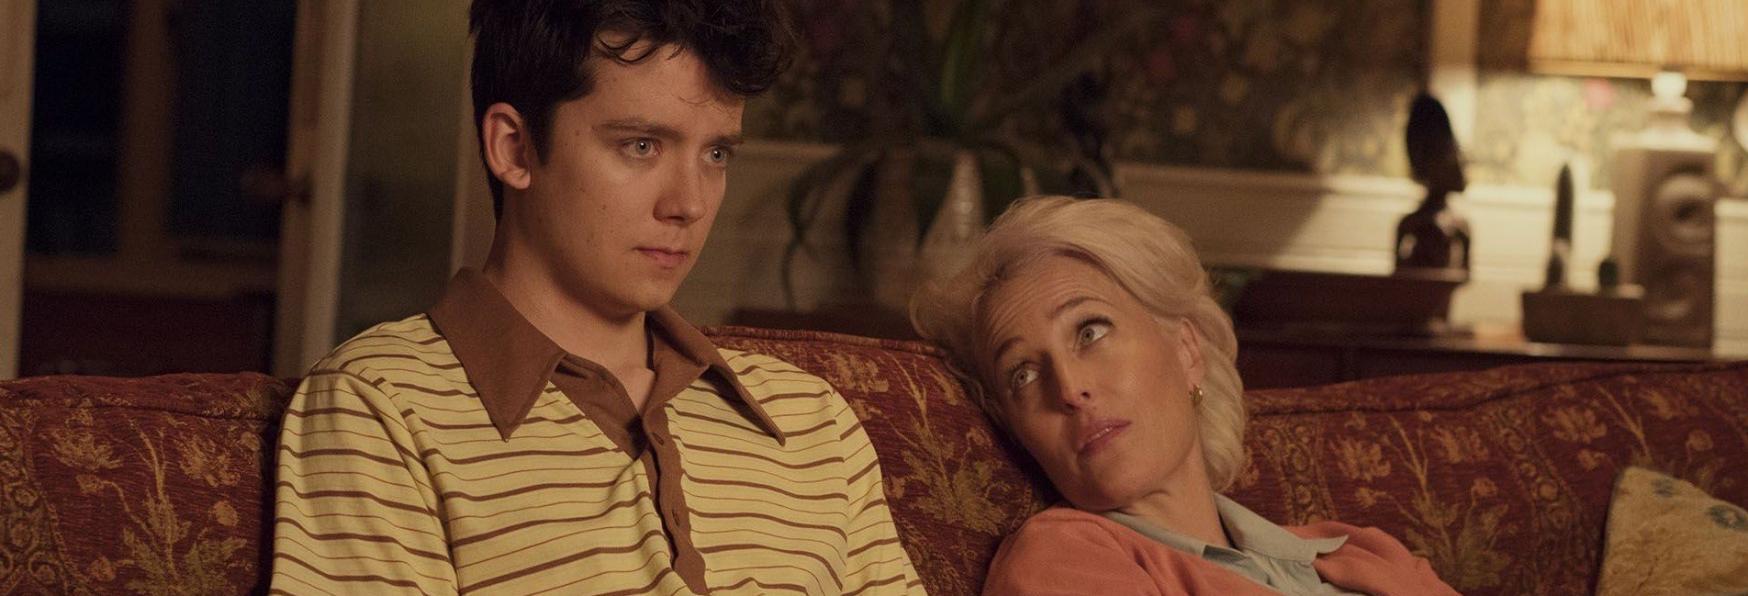 Sex Education: Recensione della 2° Stagione della Serie TV targata Netflix